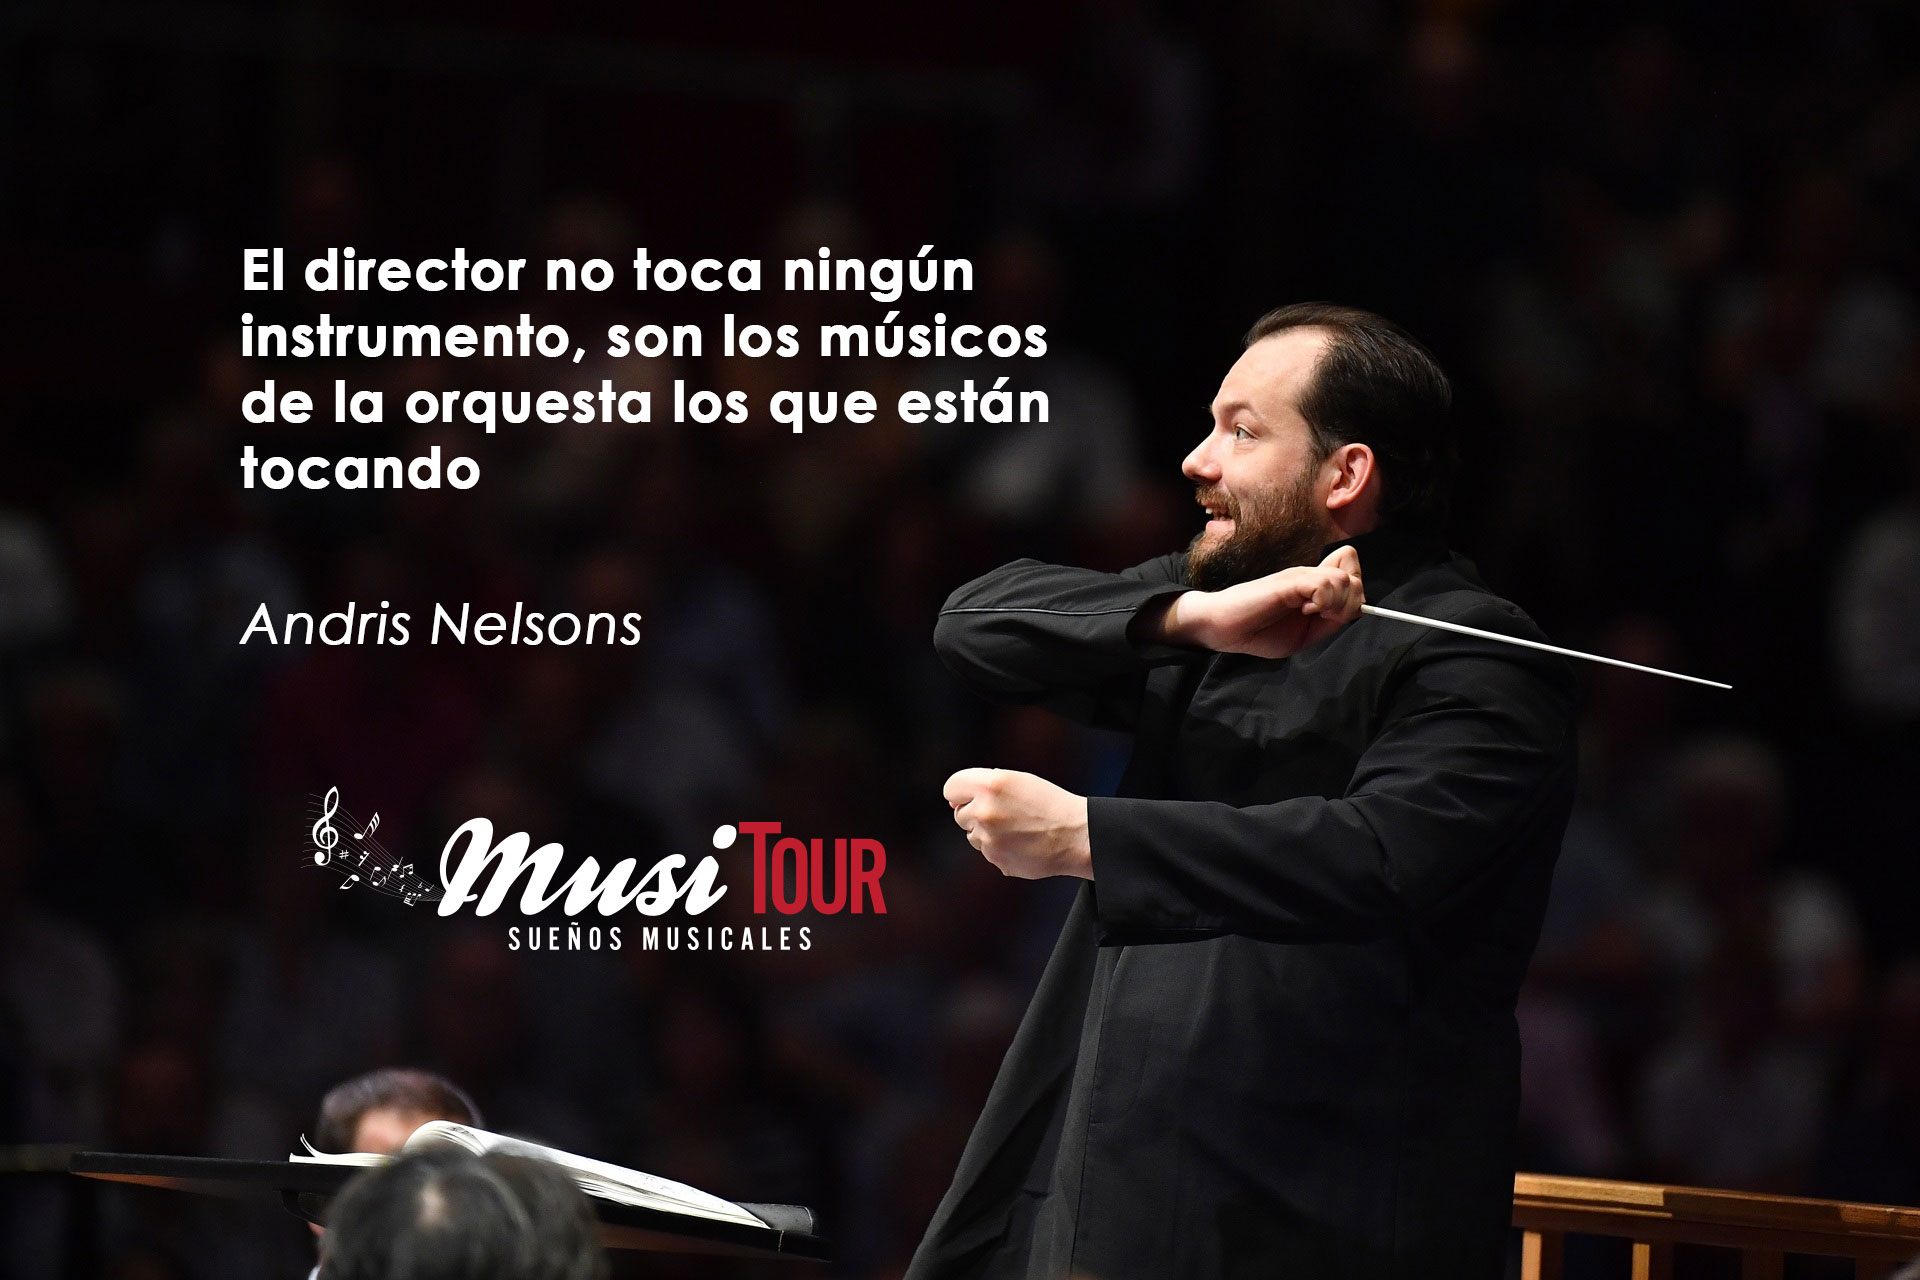 Andris Nelsons, Director de Orquesta